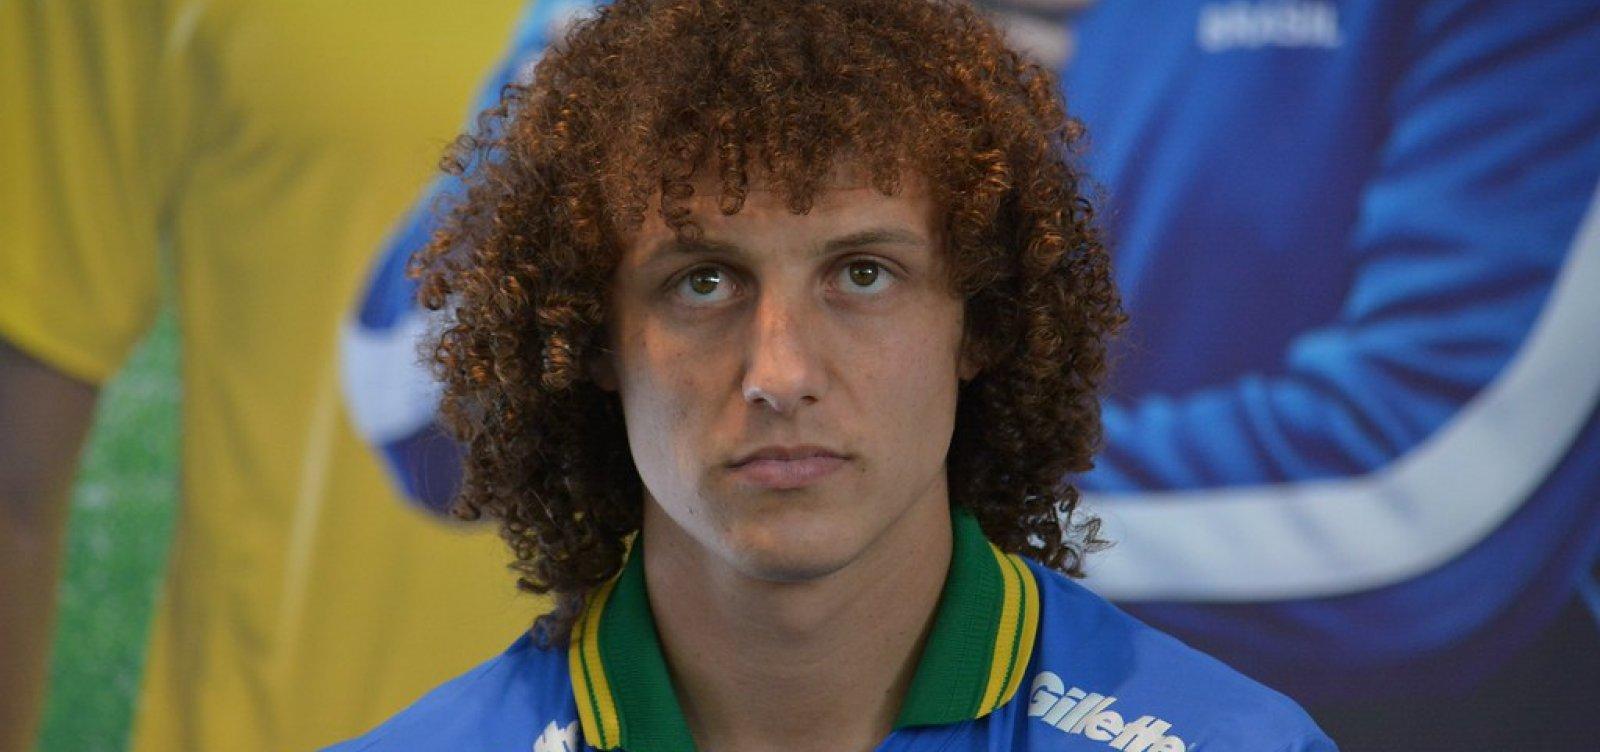 David Luiz processa construtora que usou sua imagem para piadas com o 7 a 1